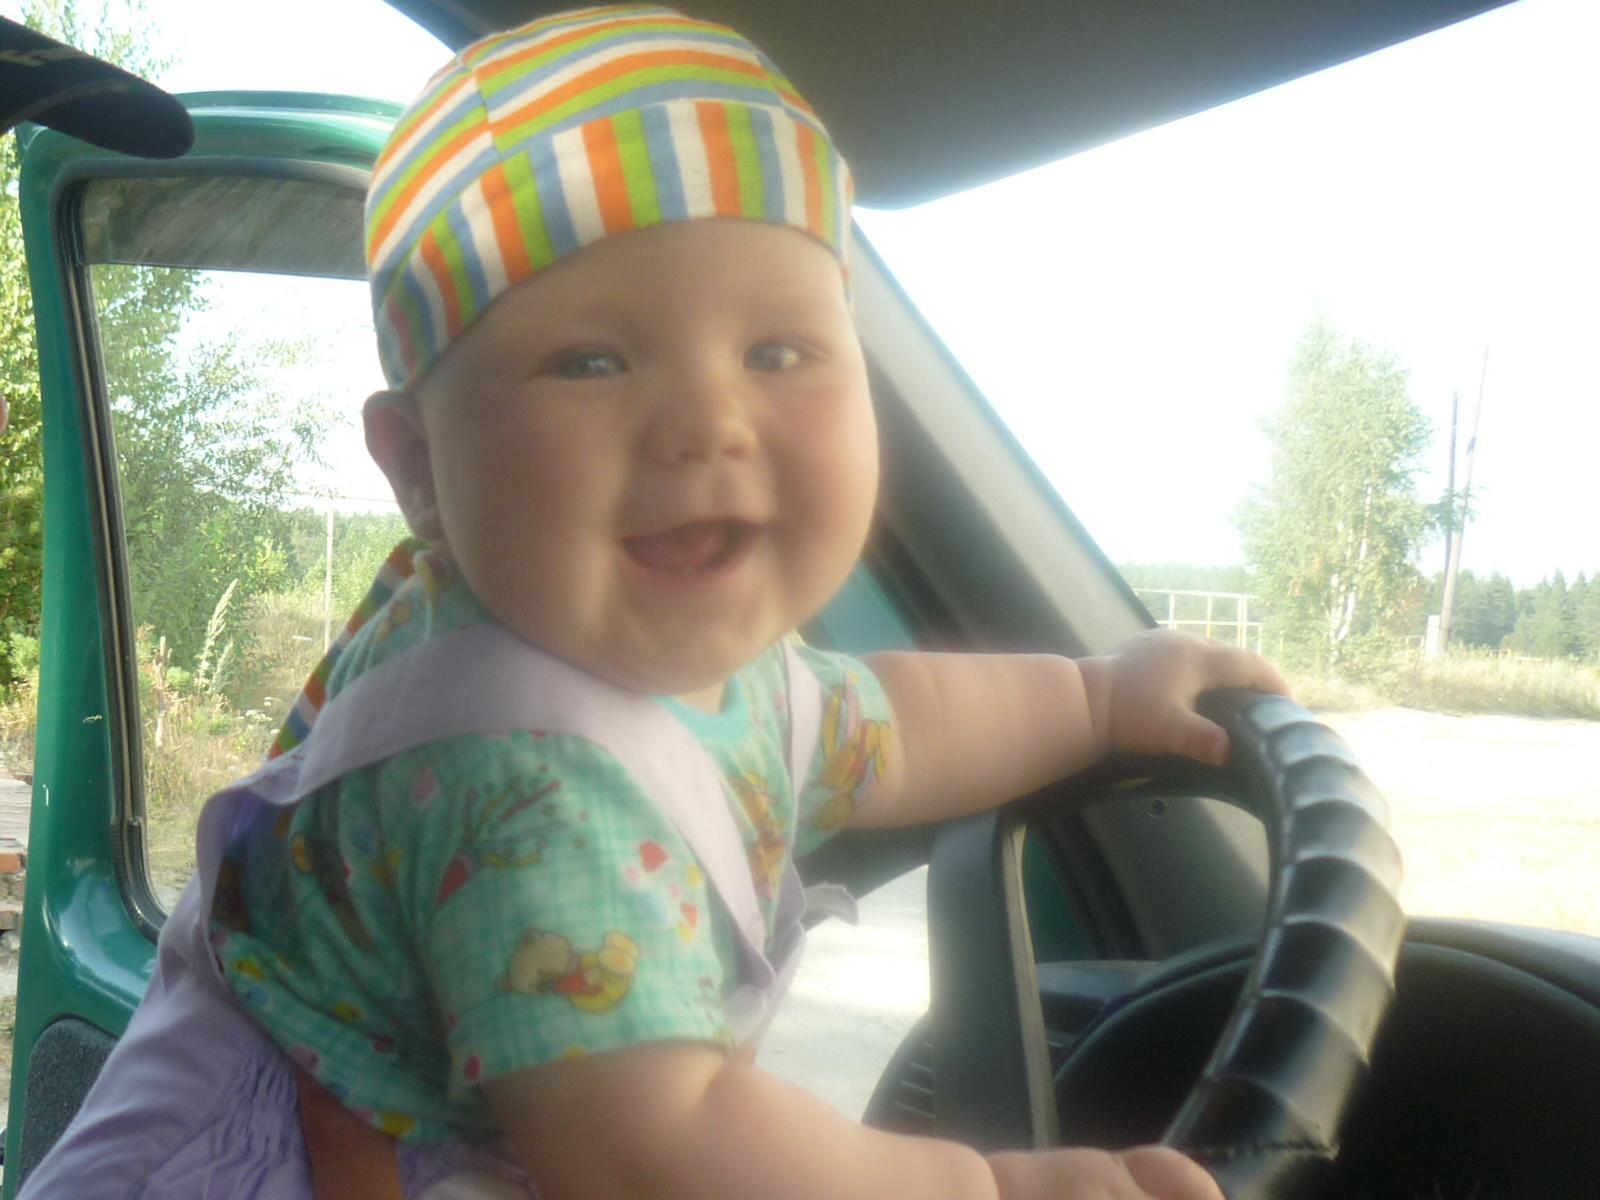 Я люблю водить машину)))))). Малыш на обложку